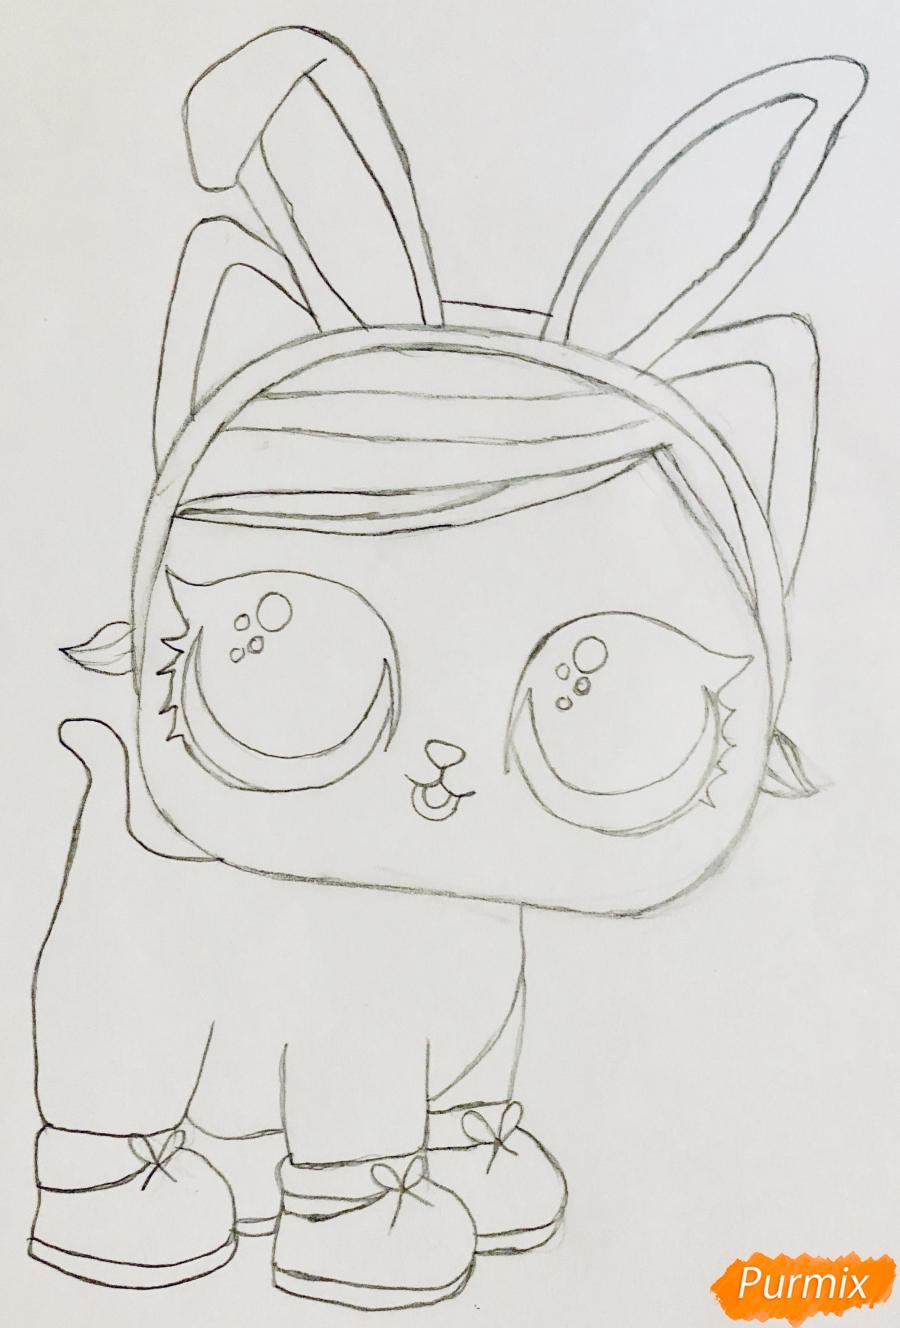 Рисуем белую кошечку с кроличьими ушками из мультфильма Lol Pets - шаг 5